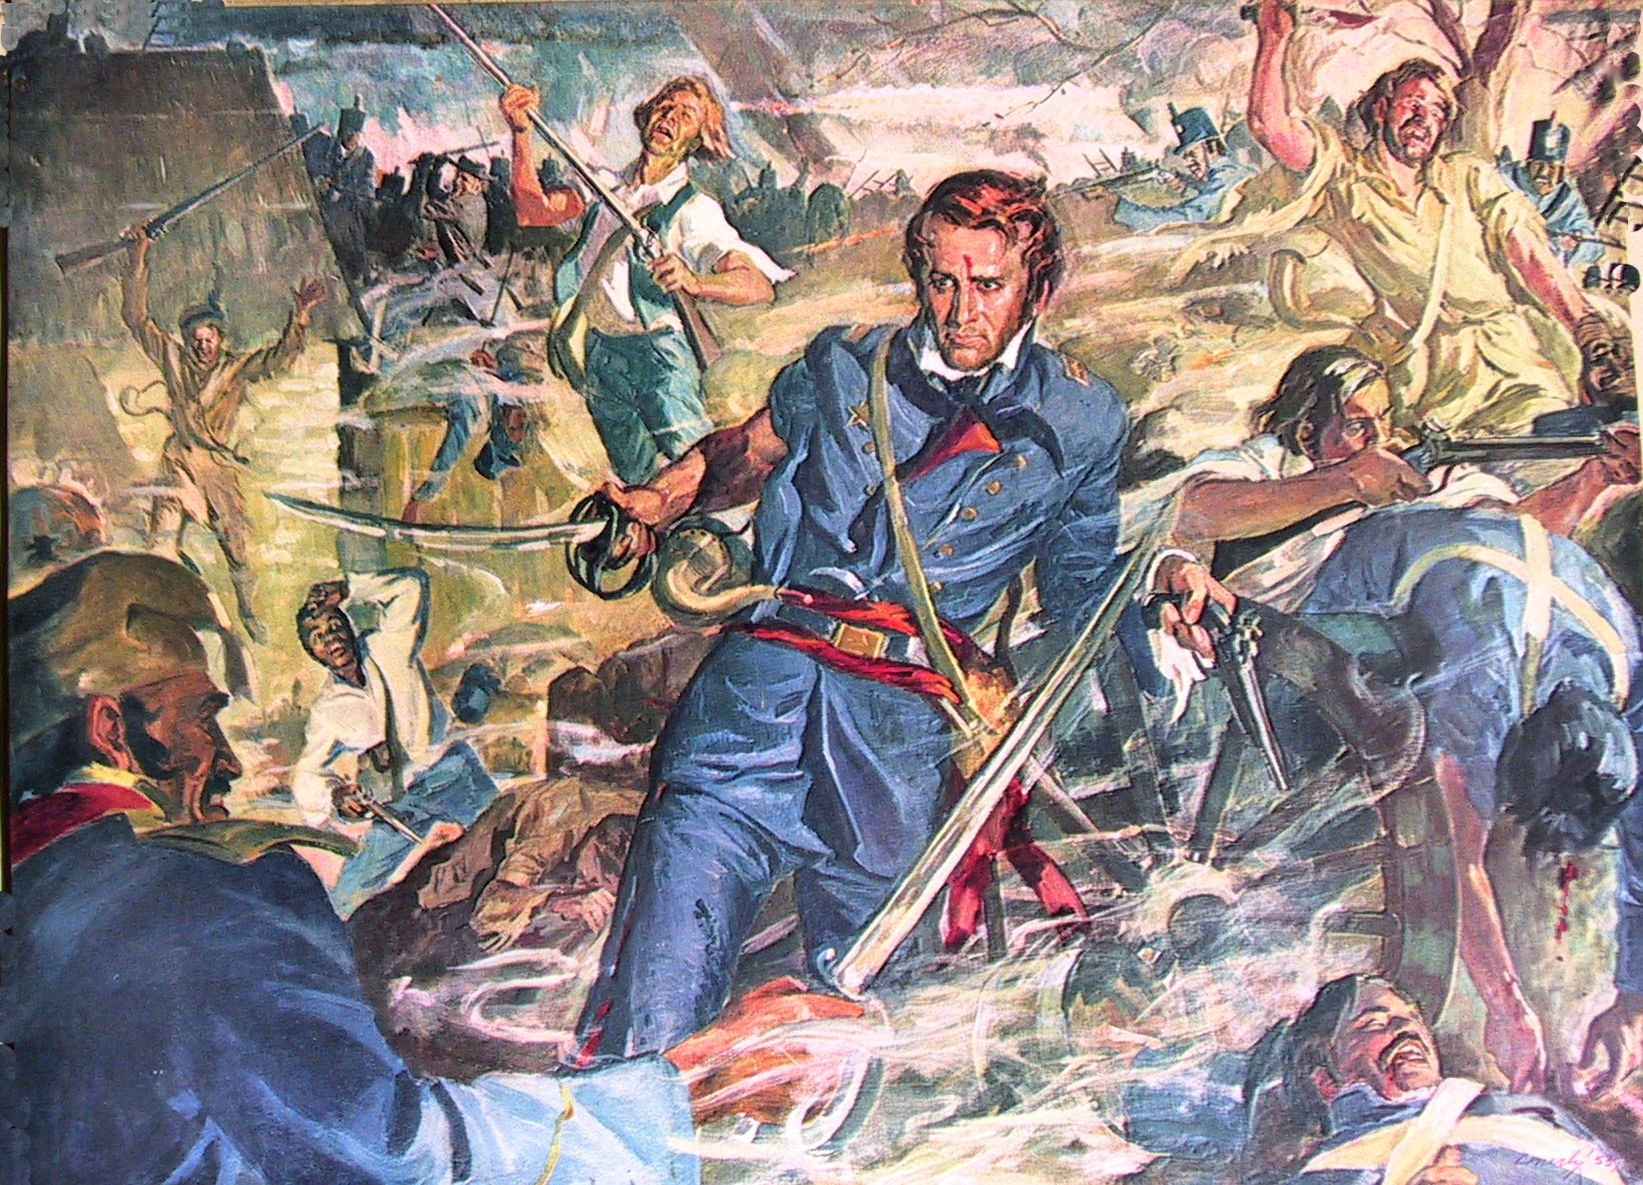 A Romanticized Version Of Commander William Barrett Travis